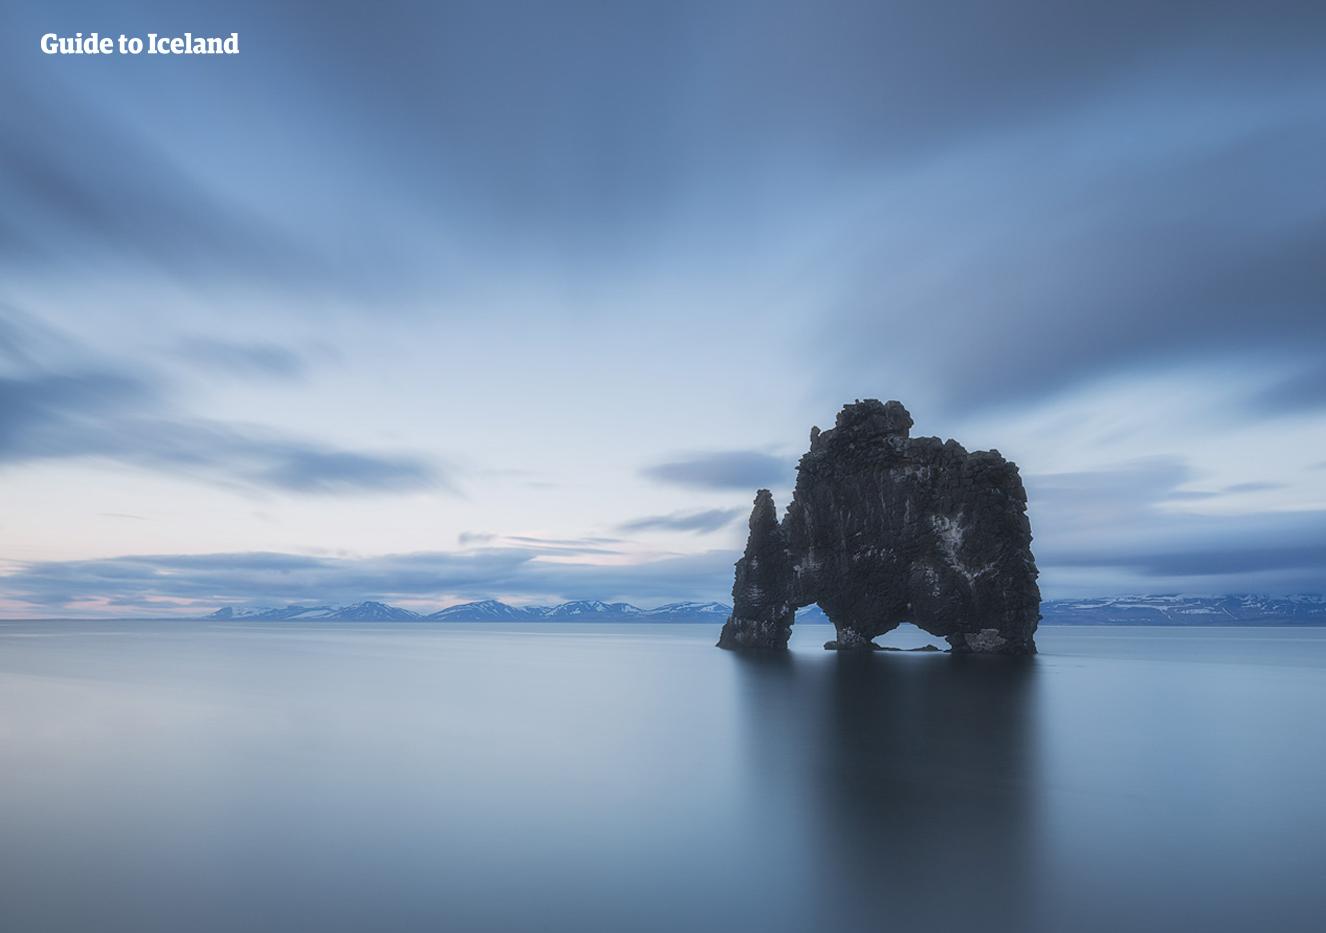 หินฮวิทแซร์กูร์ในทางเหนือของไอซ์แลนด์ ดูเหมือนมีมังกรโผล่ขึ้นมาจากทะเล